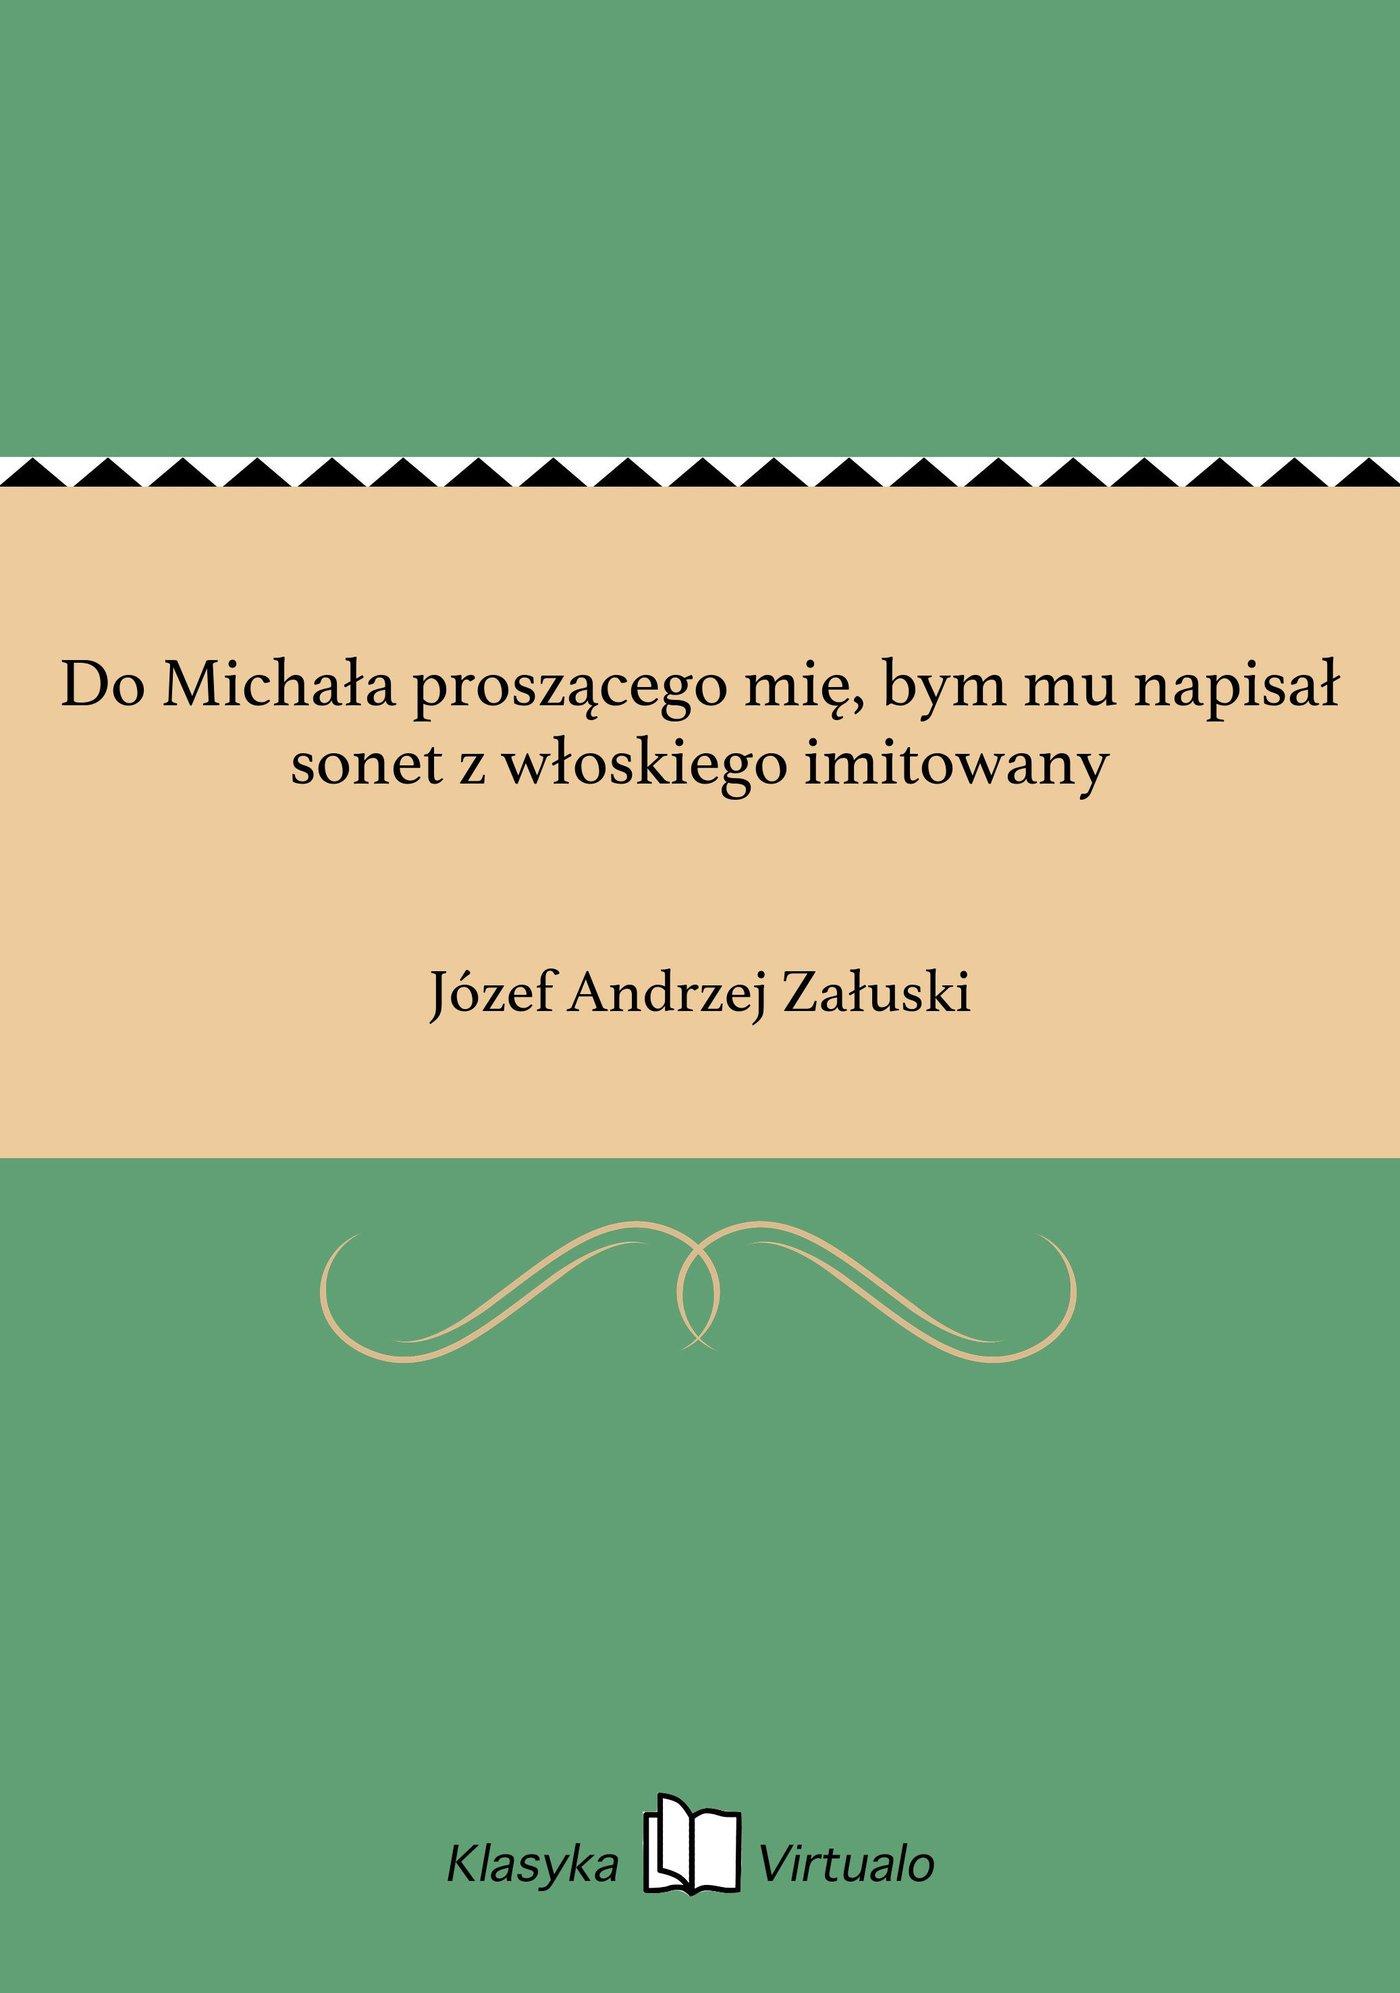 Do Michała proszącego mię, bym mu napisał sonet z włoskiego imitowany - Ebook (Książka EPUB) do pobrania w formacie EPUB